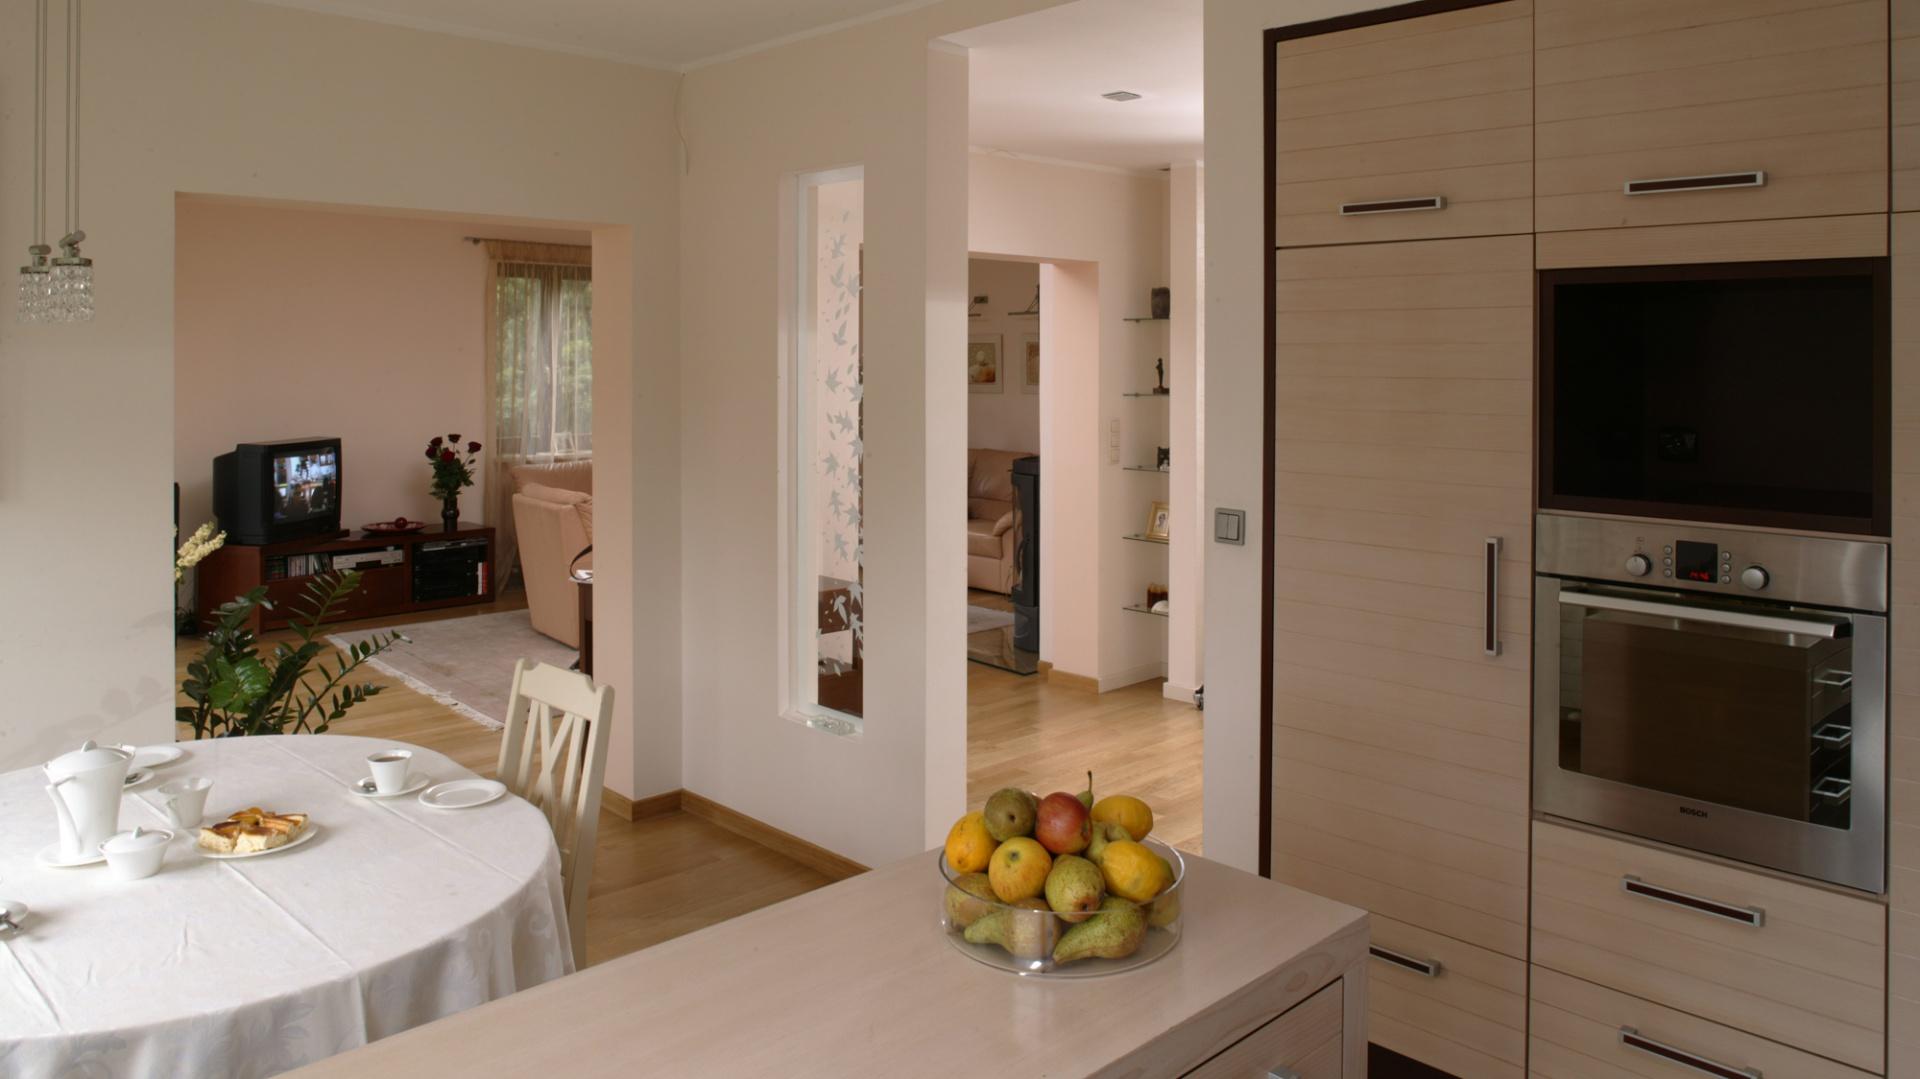 Fronty szafek kuchennych zostały wykonane specjalną techniką pozwalającą na poziome frezowania. Ich powierzchnia wygląda jak połączenie kilku ułożonych poziomo deseczek. W zabudowie – piekarnik marki Bosch. Fot. Bartosz Jarosz.